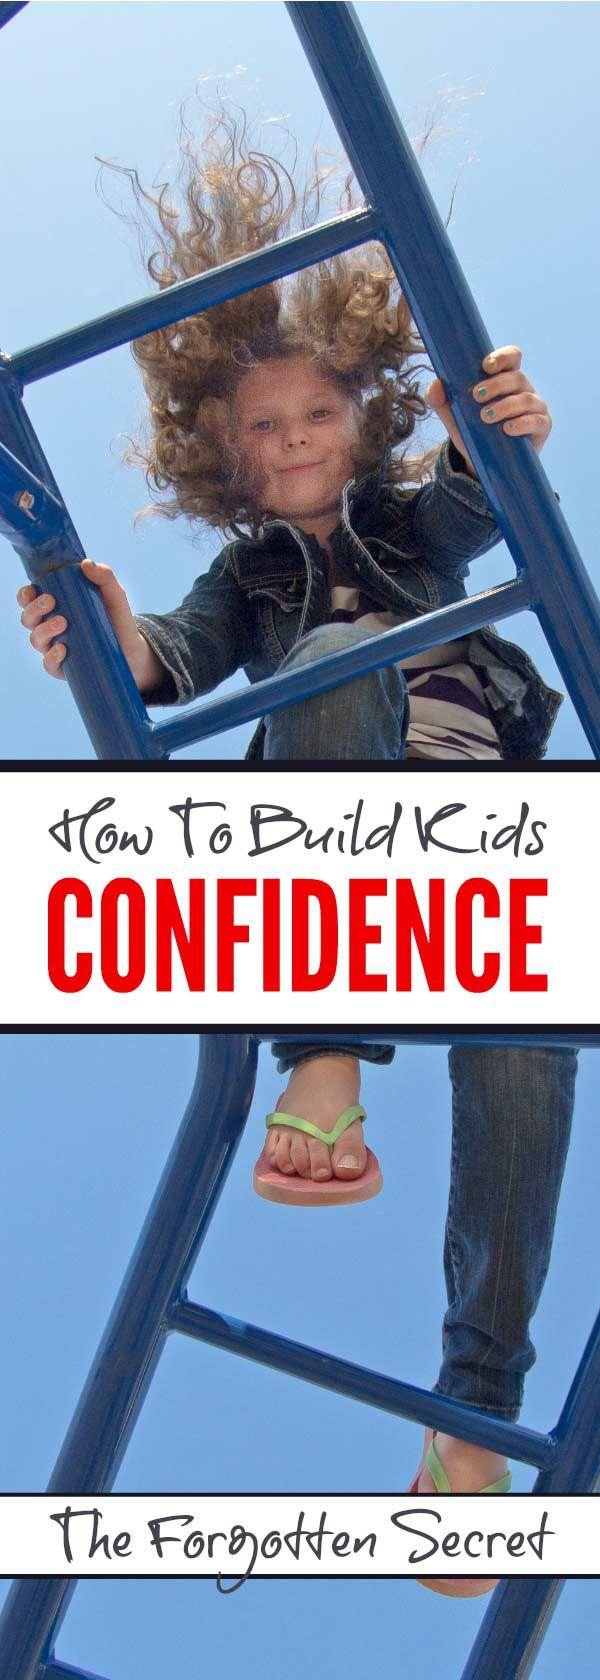 Building kids confidence - the forgotten secret #parenting #confidence